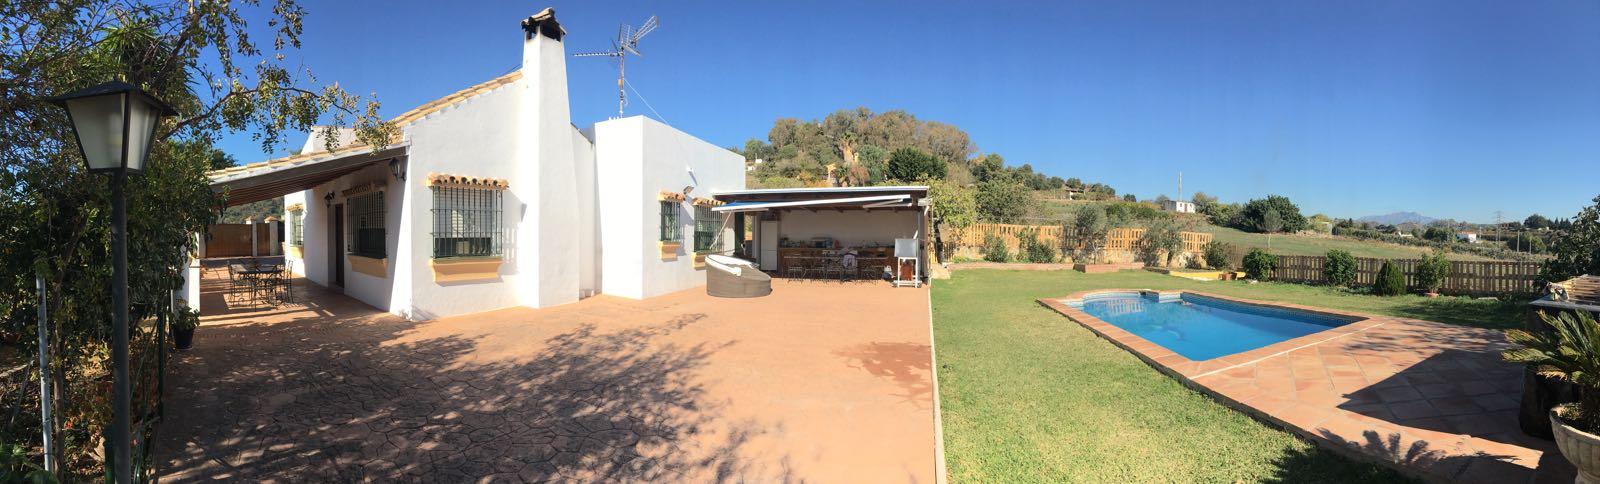 Casa Charo